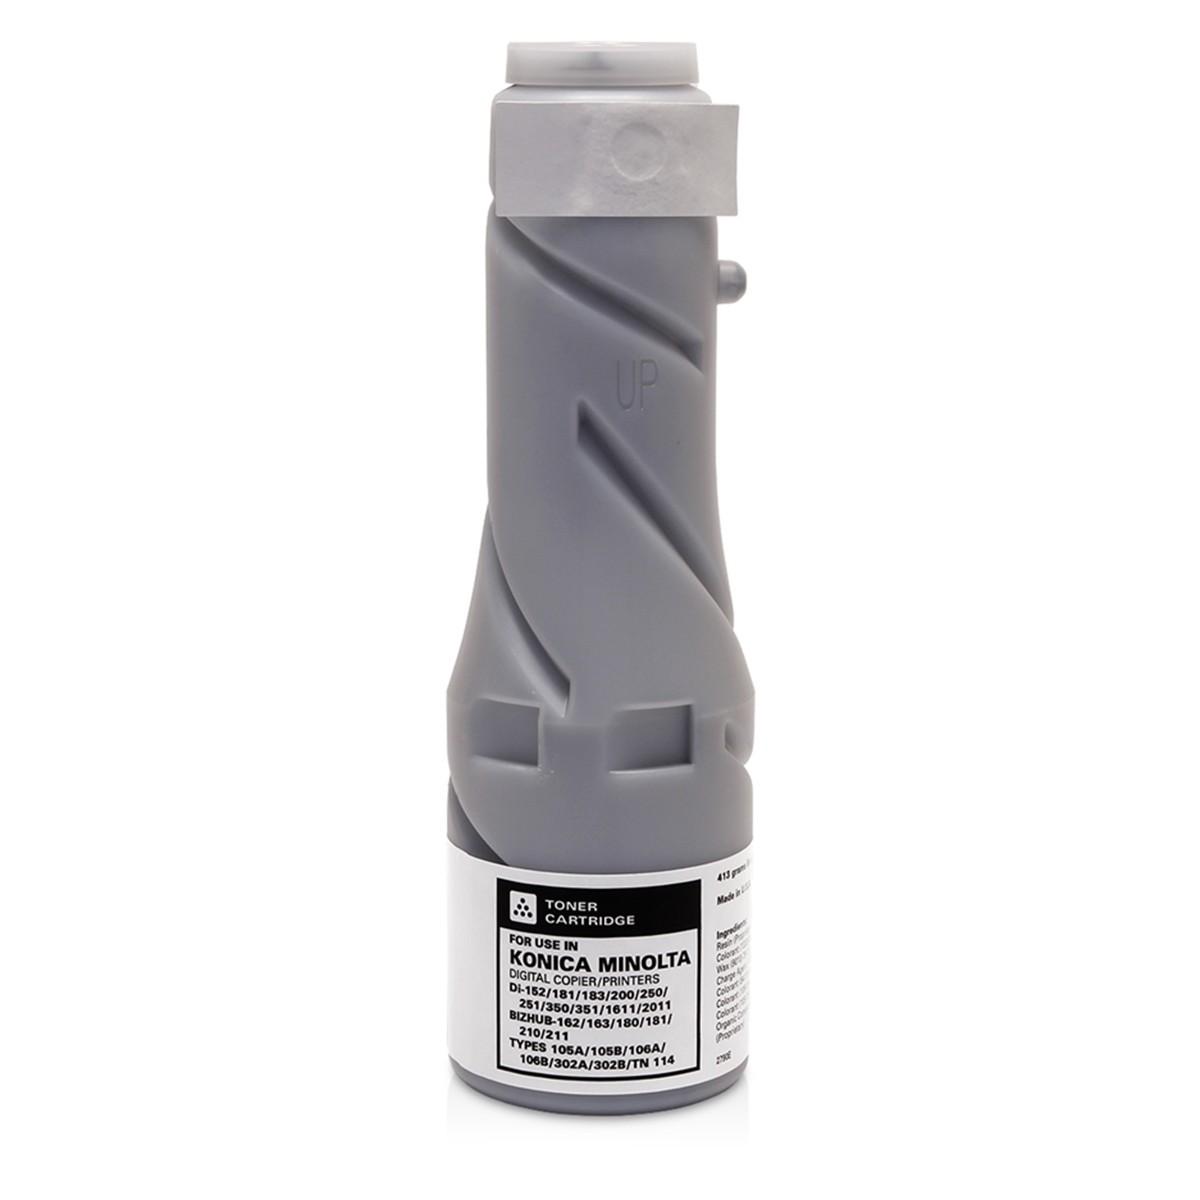 Toner Compatível p/ Minolta DI 152 181 183 200 250 251